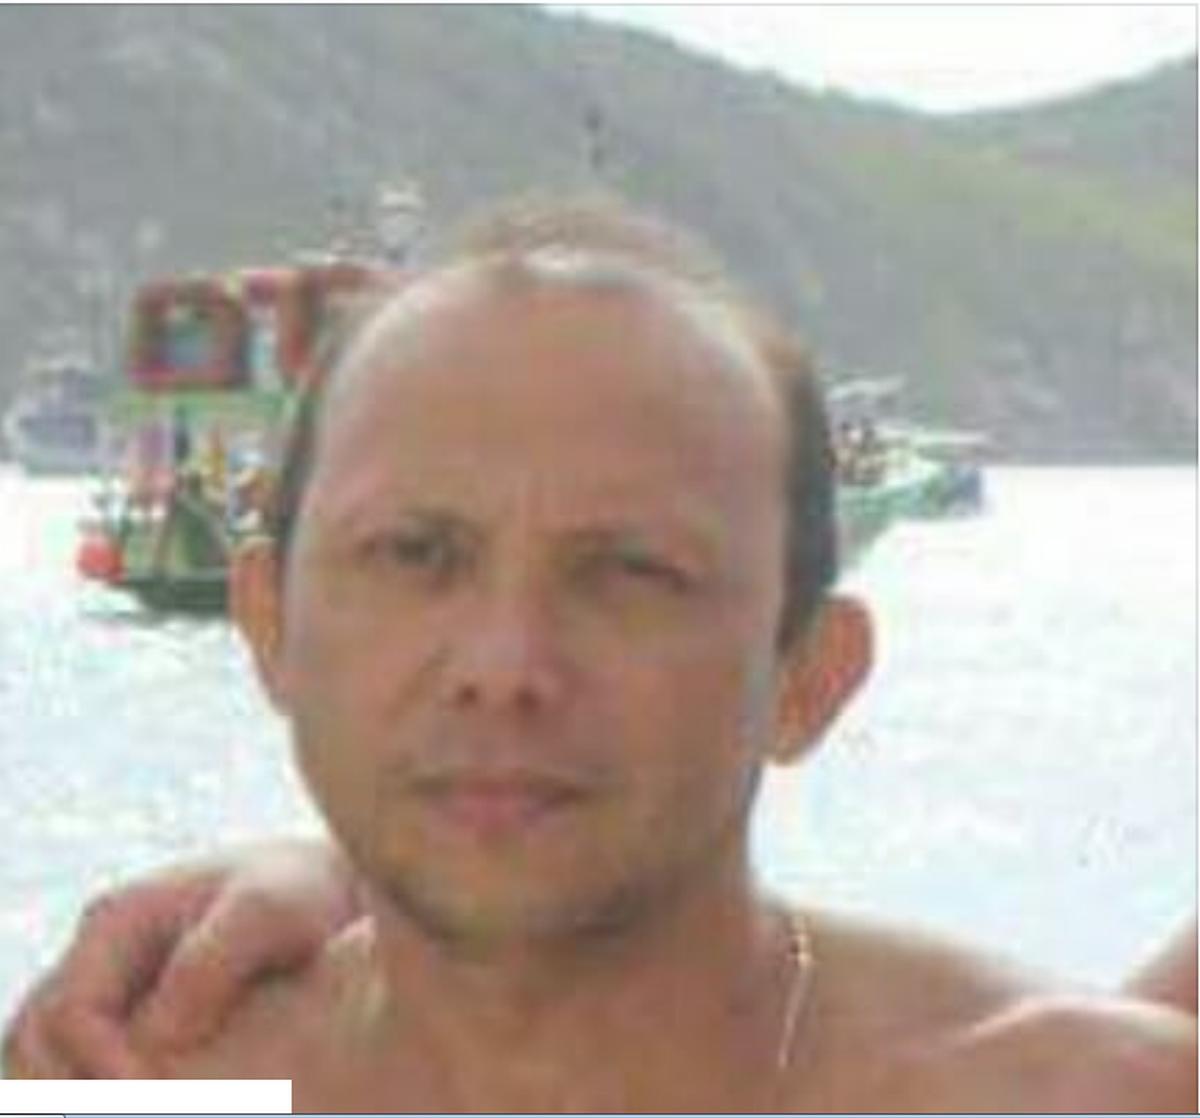 Turista brasileiro é assassinado com tiro no peito em assalto na Venezuela